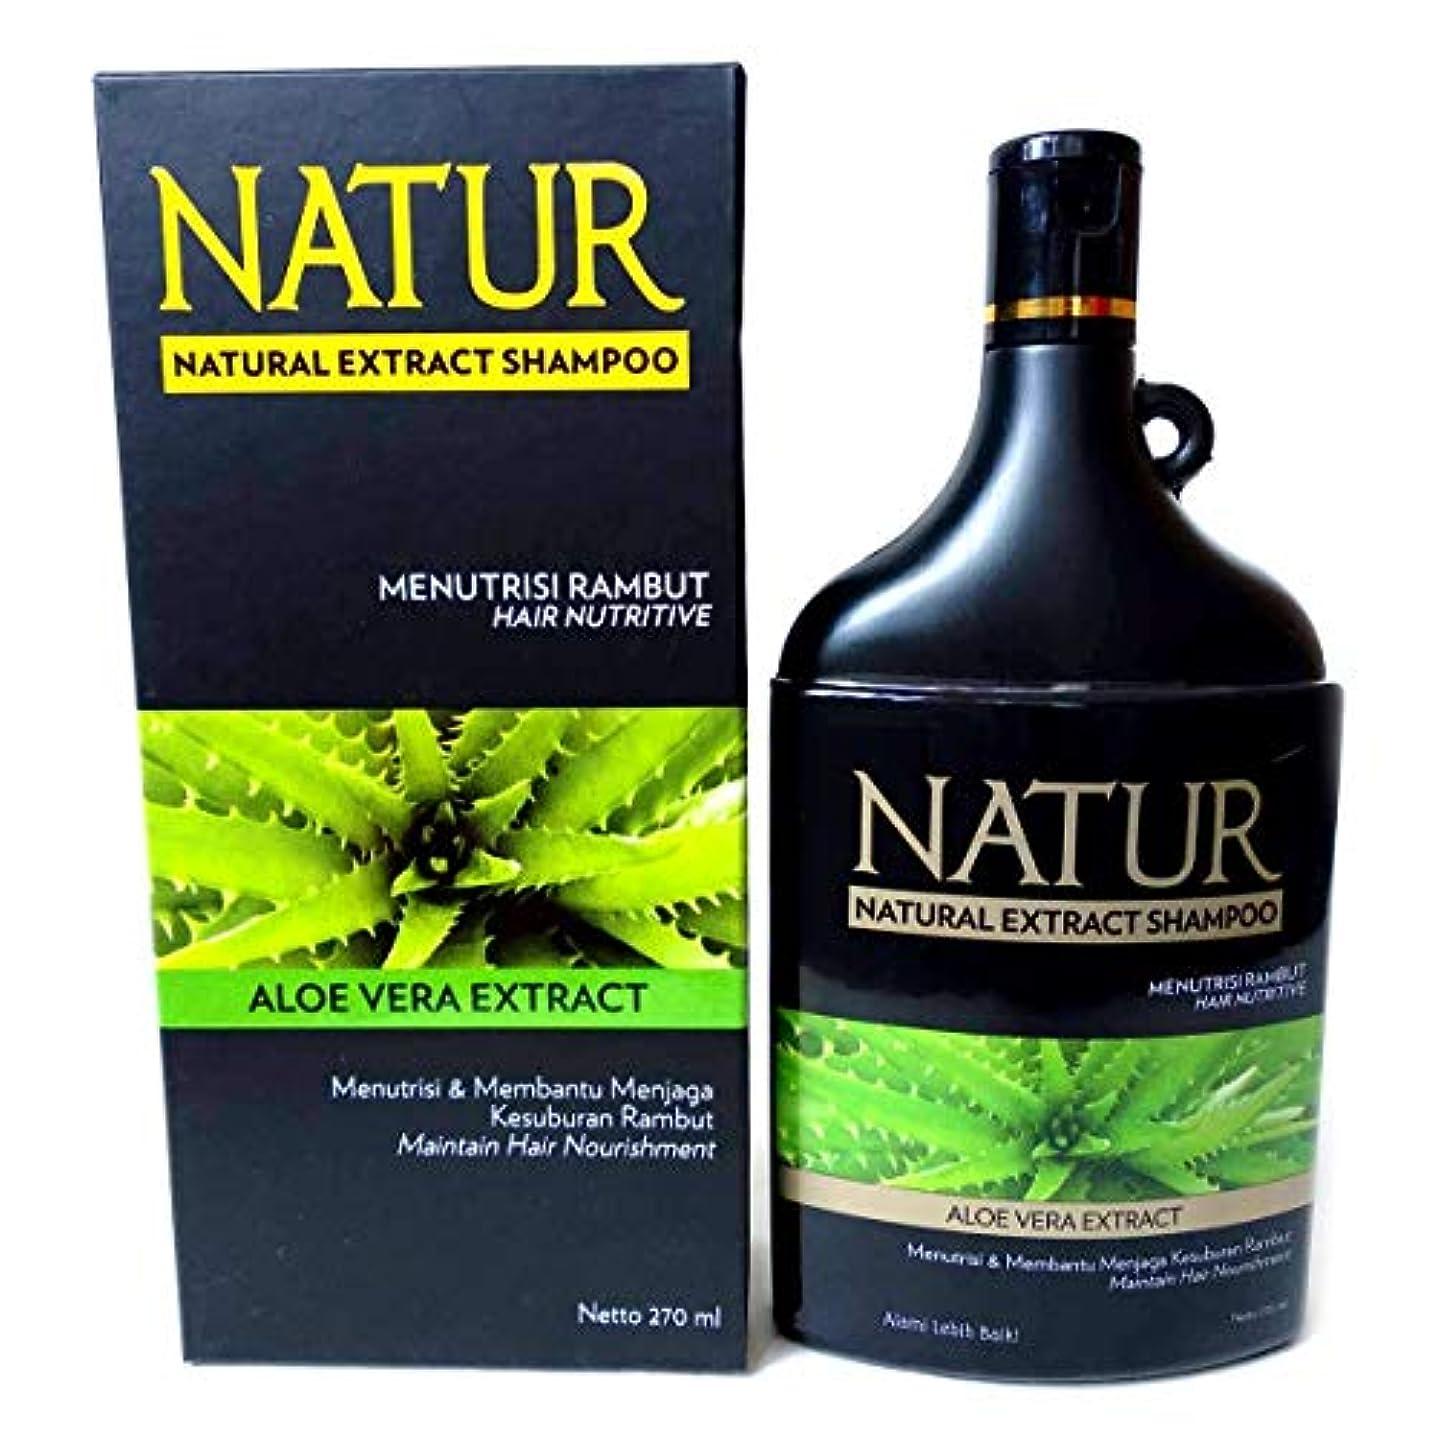 魅力的ベリードレインNATUR ナトゥール 天然植物エキス配合 ハーバルシャンプー 270ml Aloe vera アロエベラ [海外直商品]